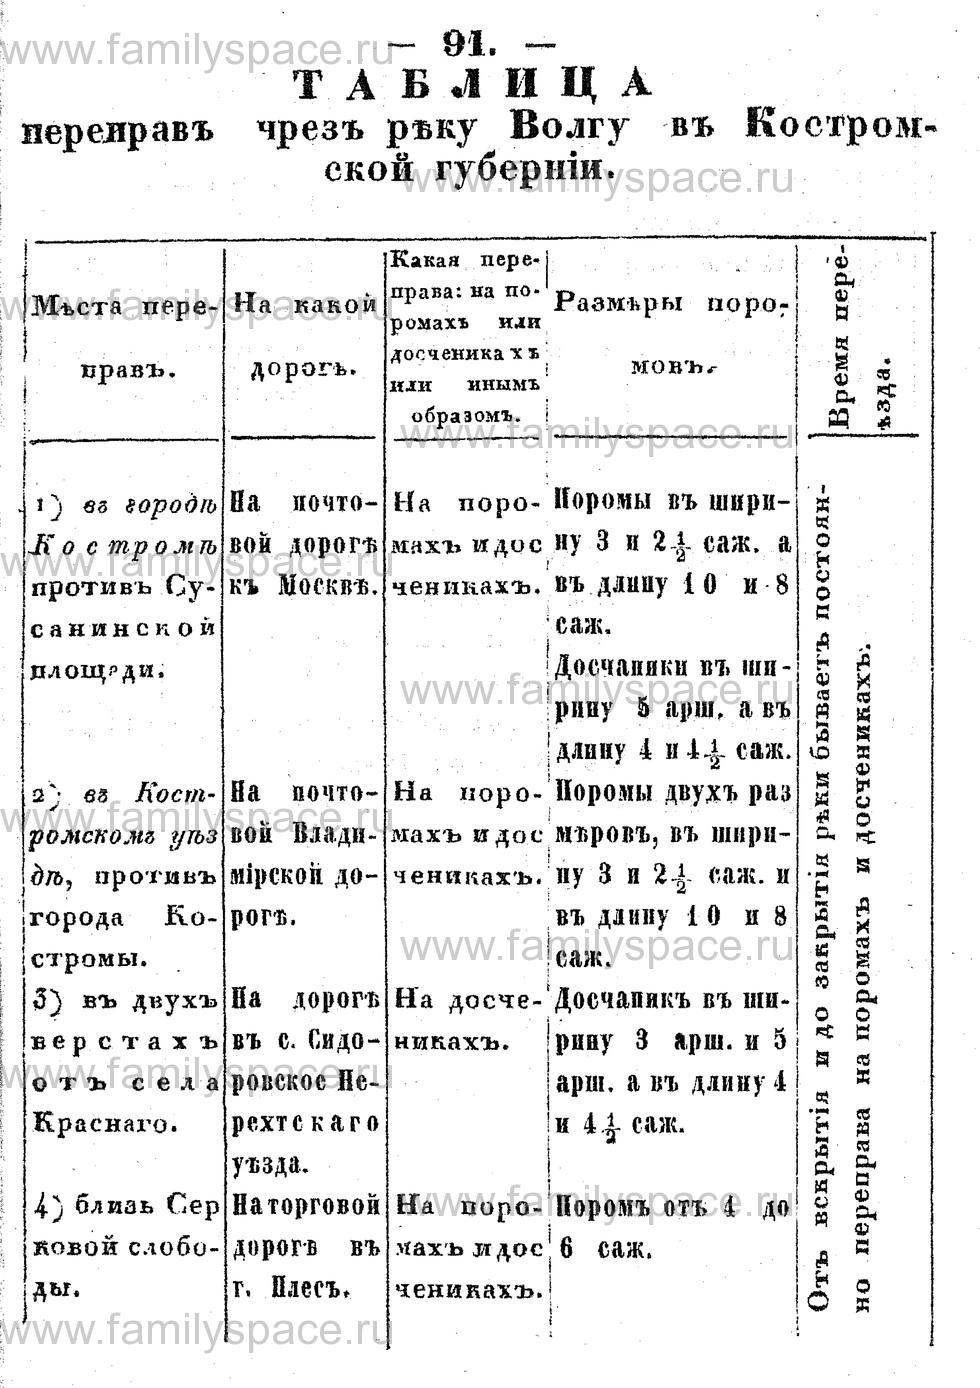 Поиск по фамилии - Памятная книжка Костромской губернии на 1853 год, страница 91